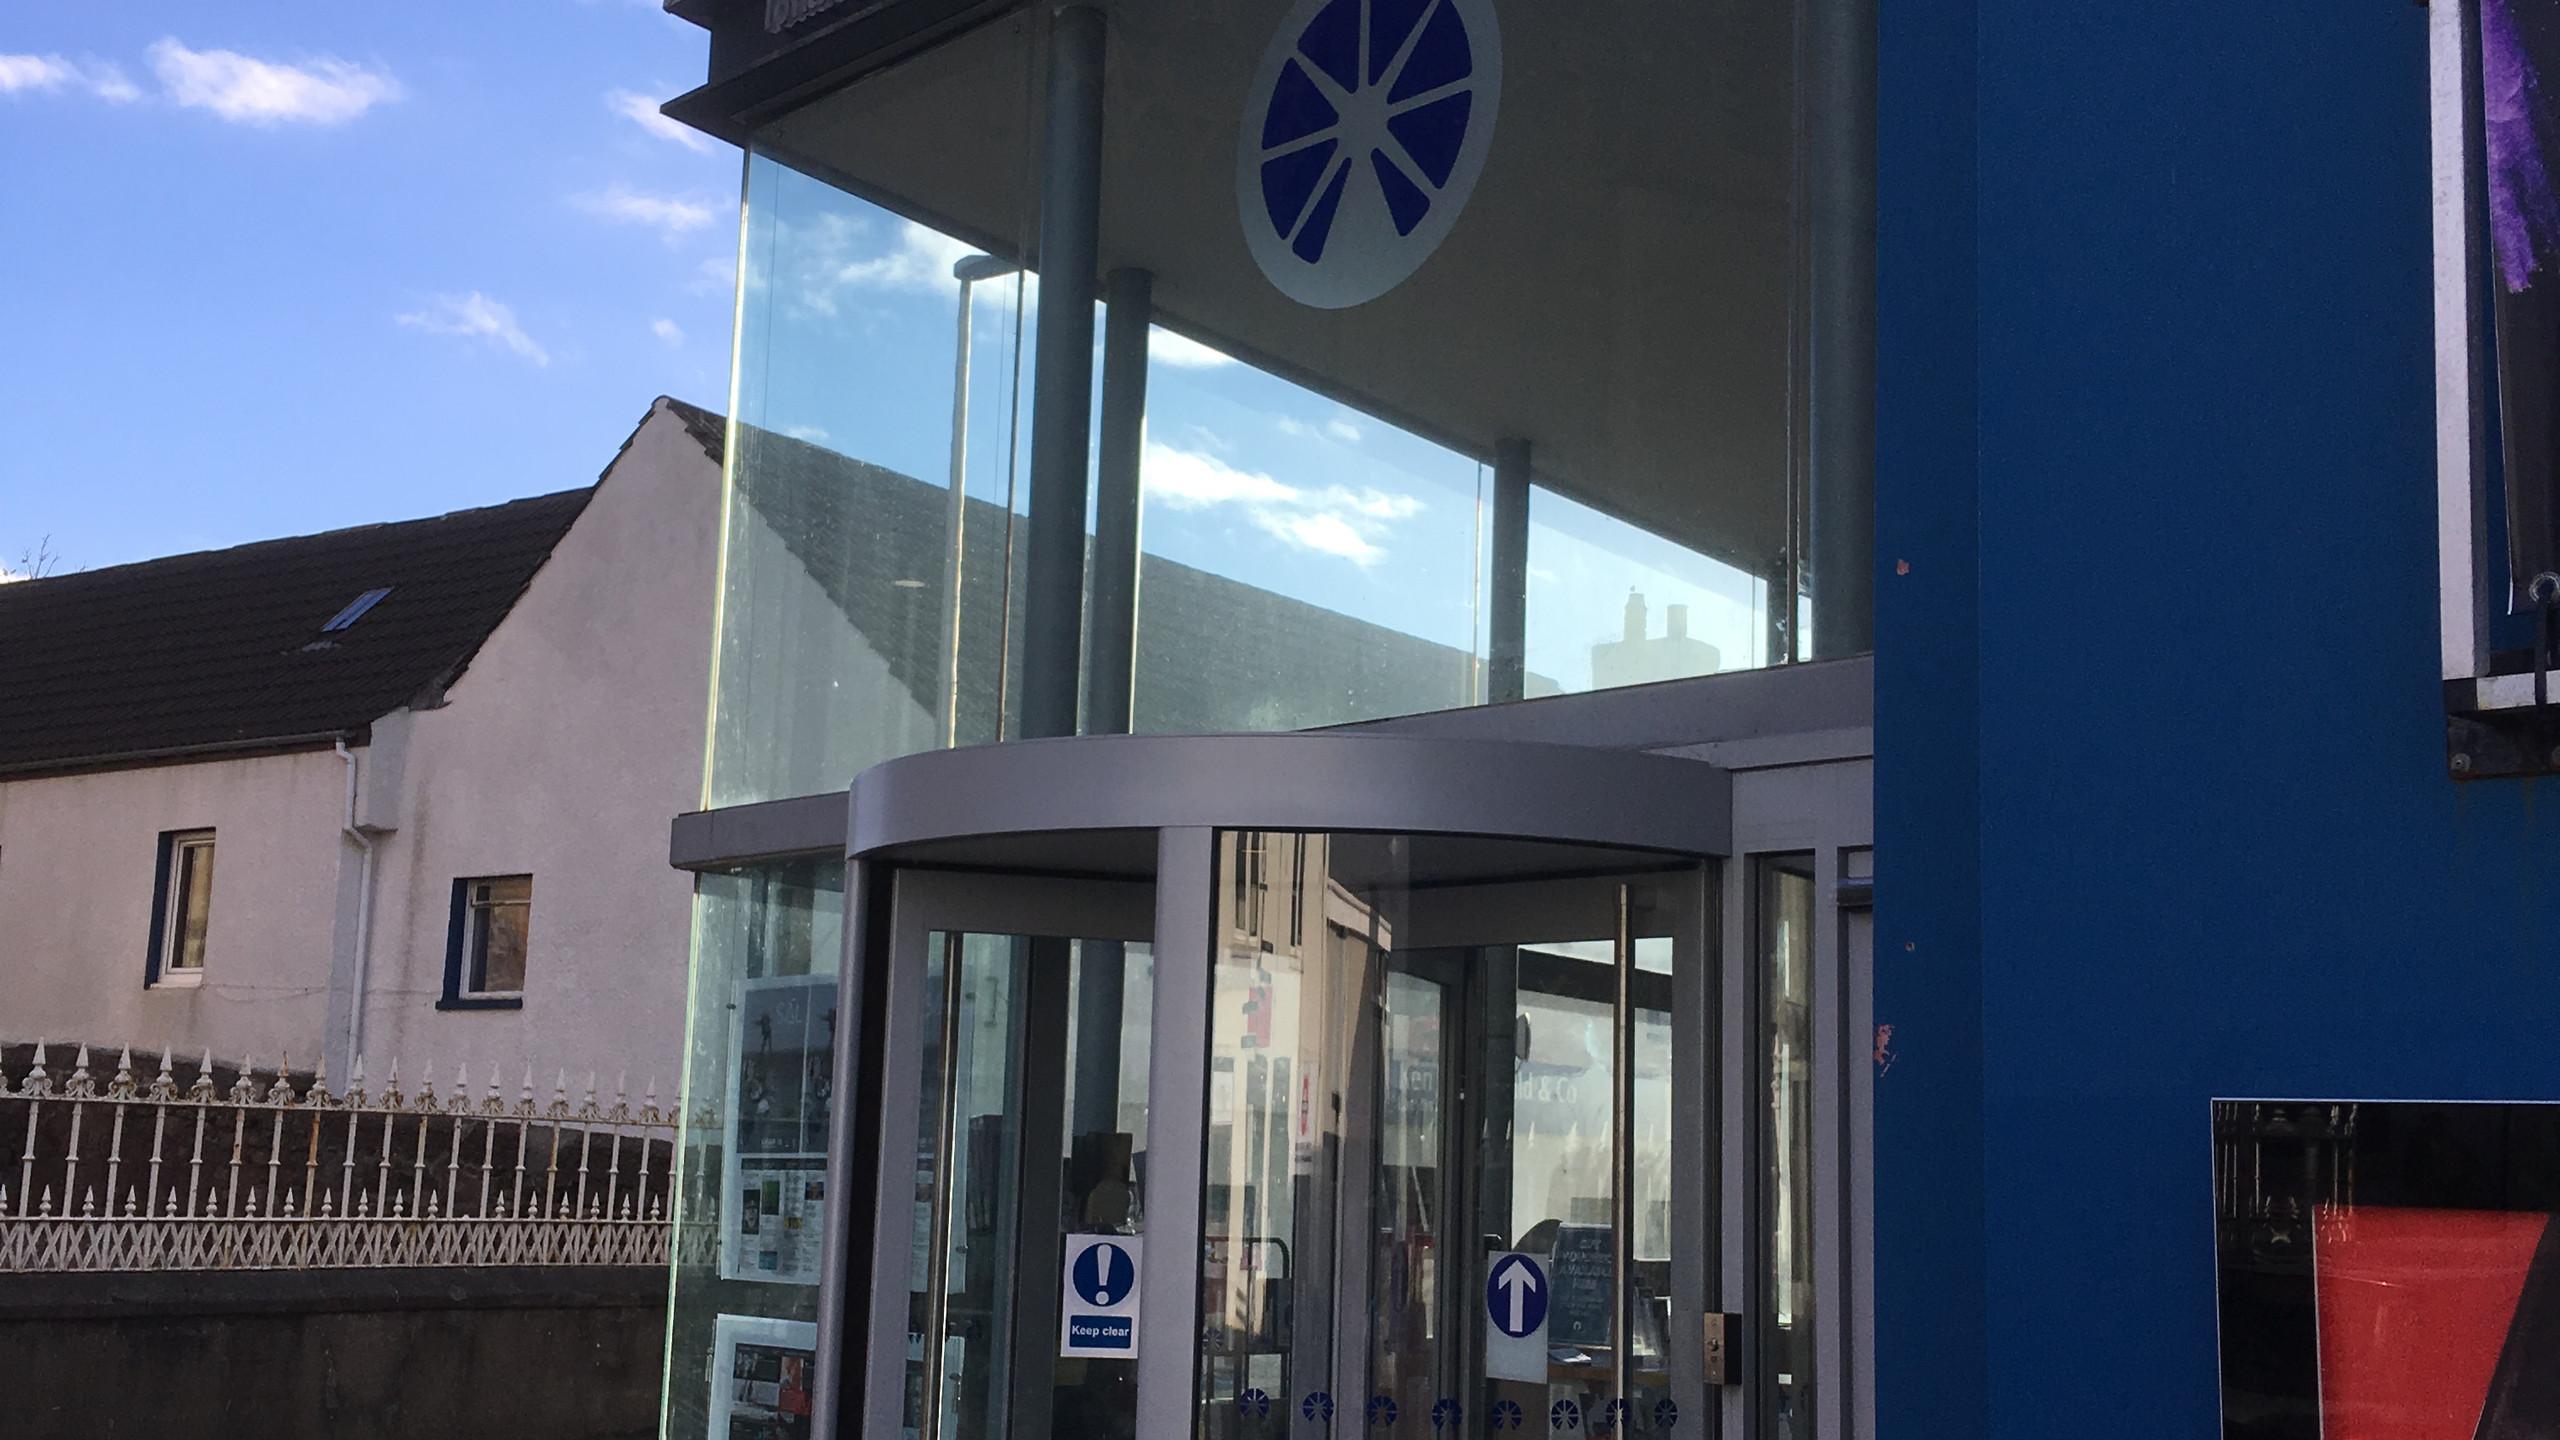 Entrance to An Lanntair Arts Centre.